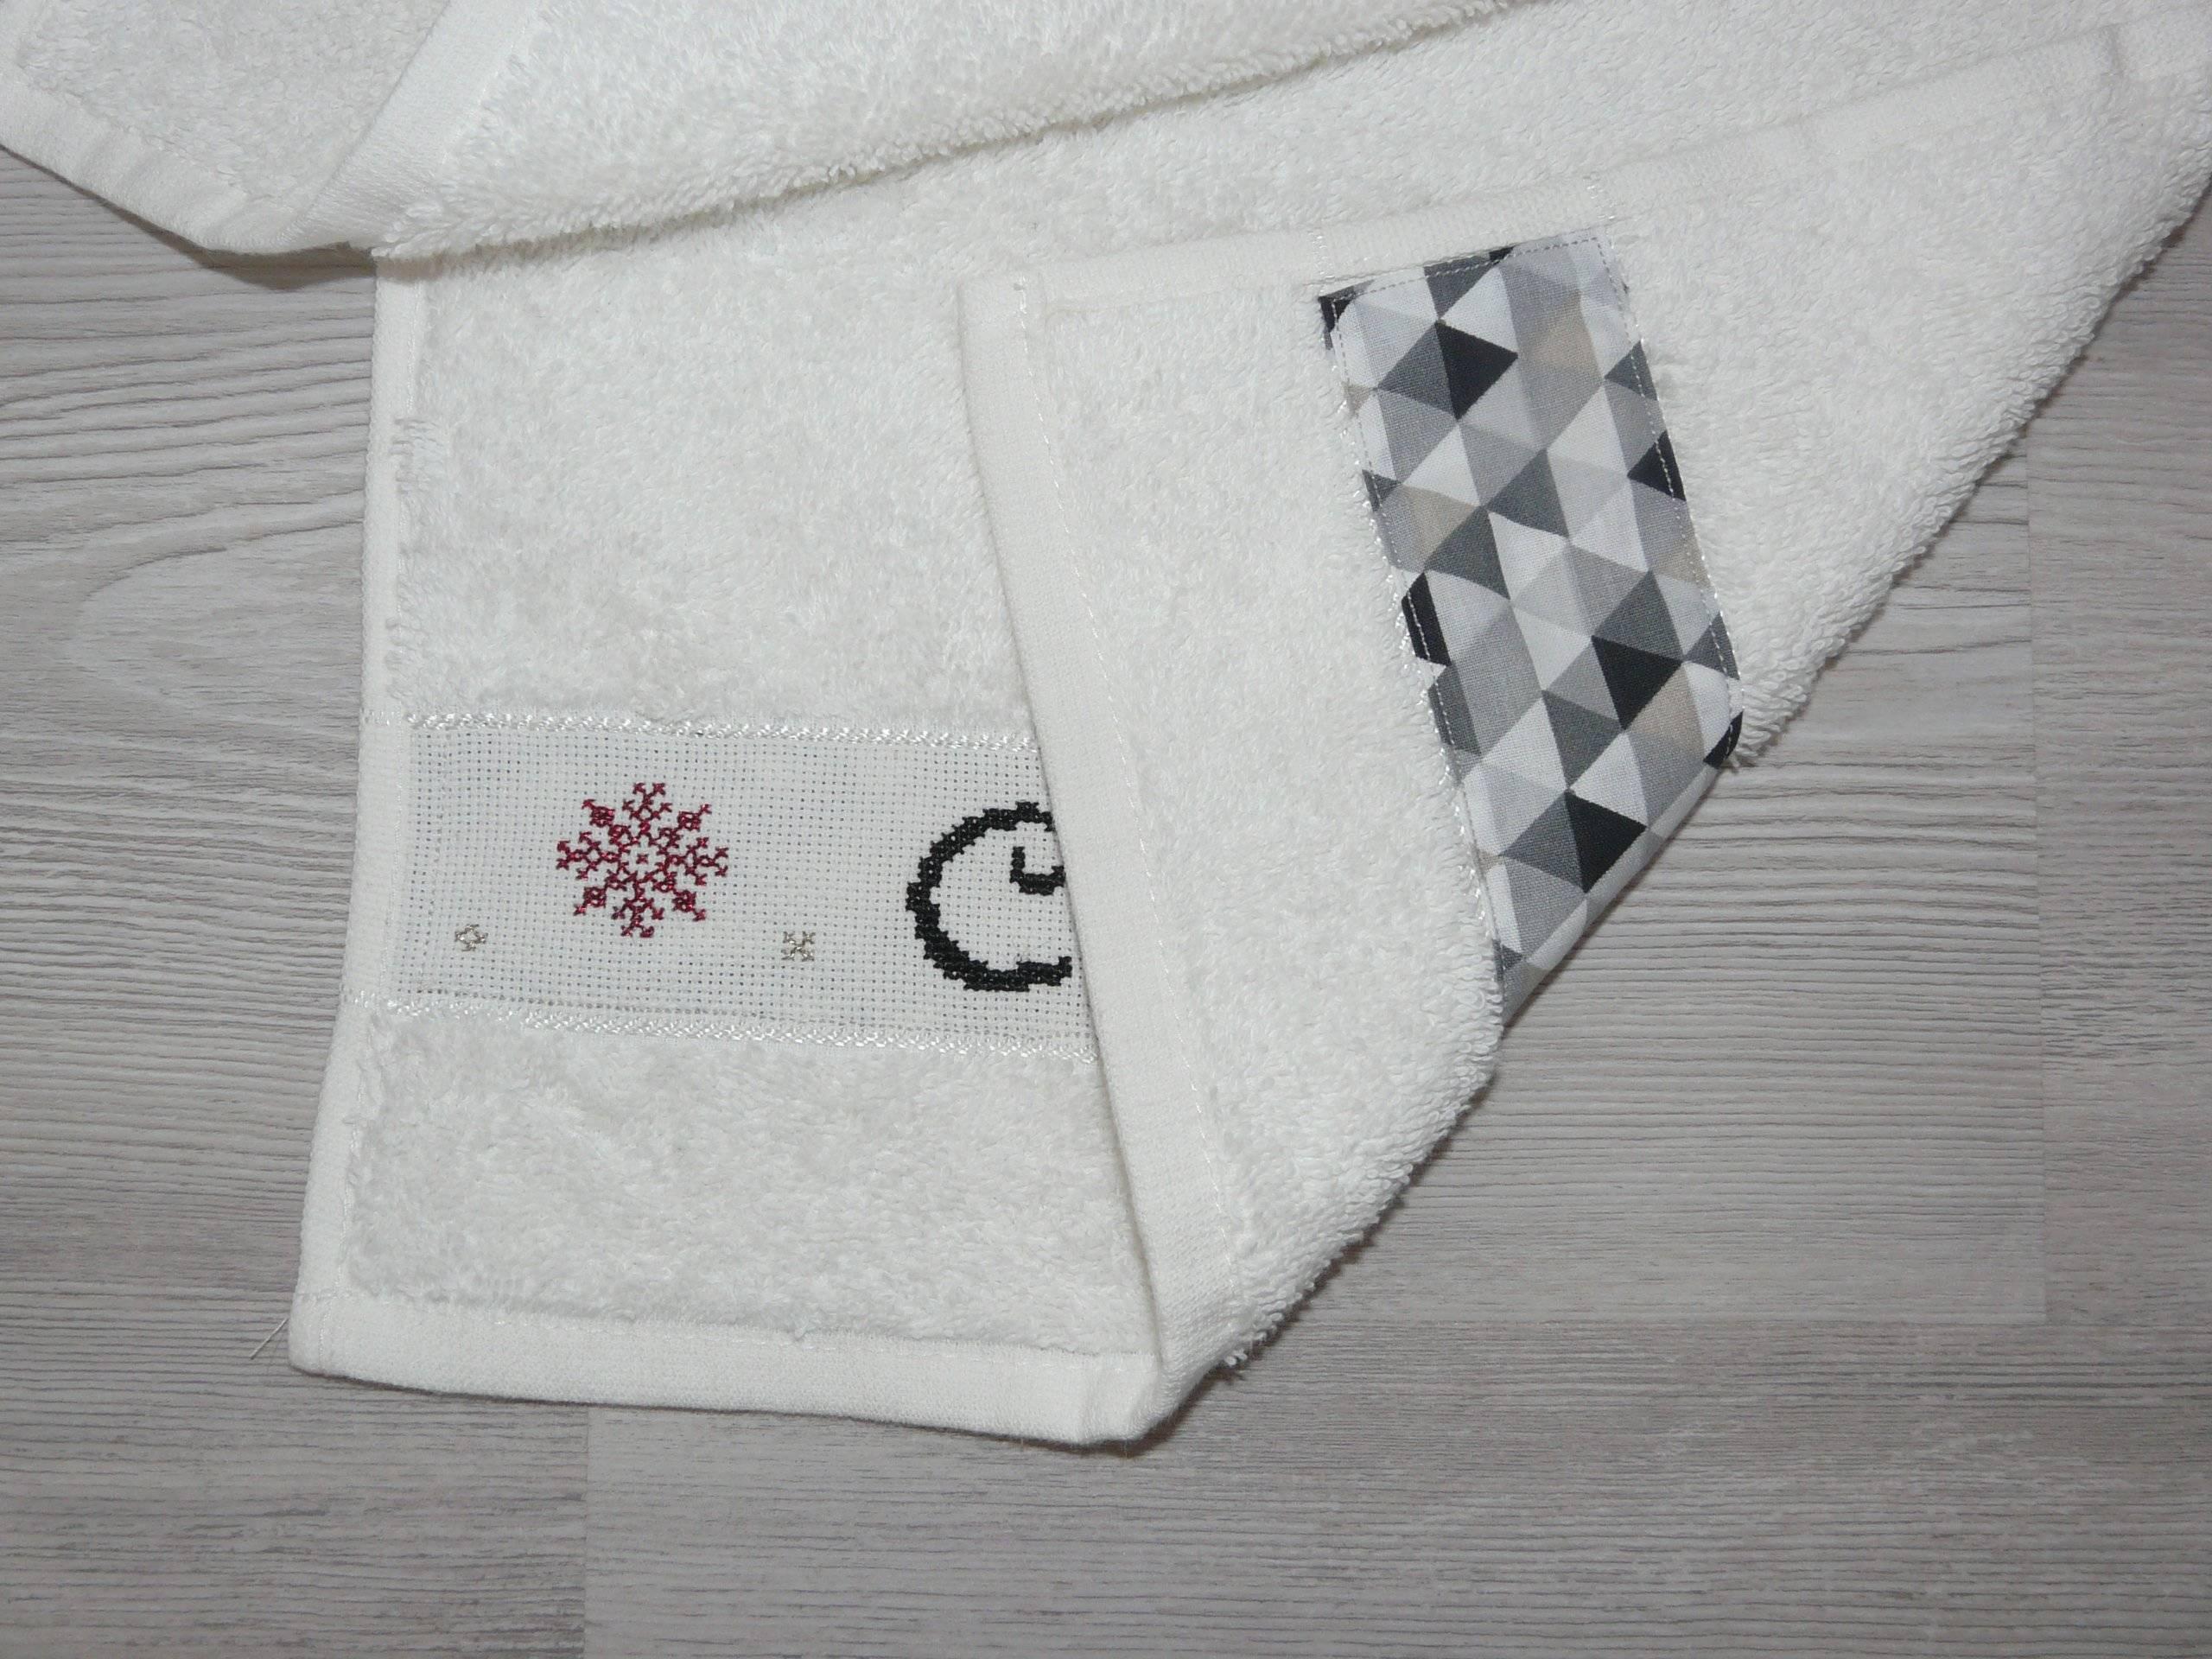 serviette de toilette broderie point de croix